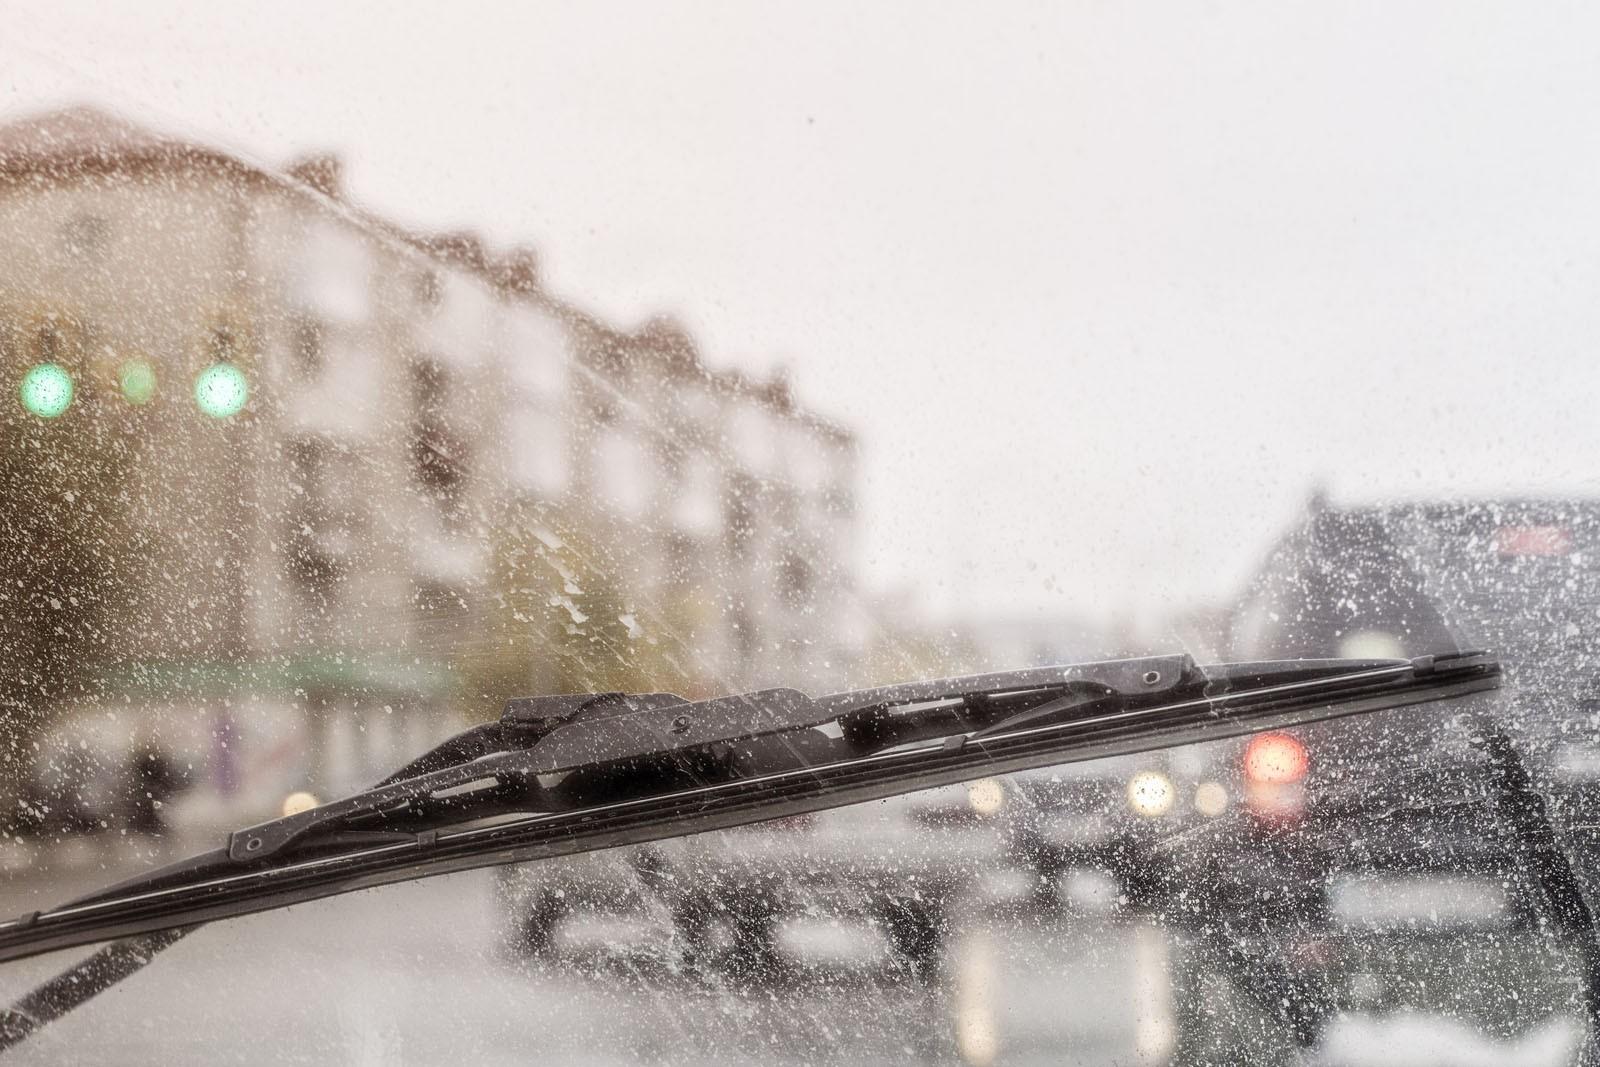 Ленивые эстеты: что ломается в датчике дождя и можно ли его поставить самостоятельно?